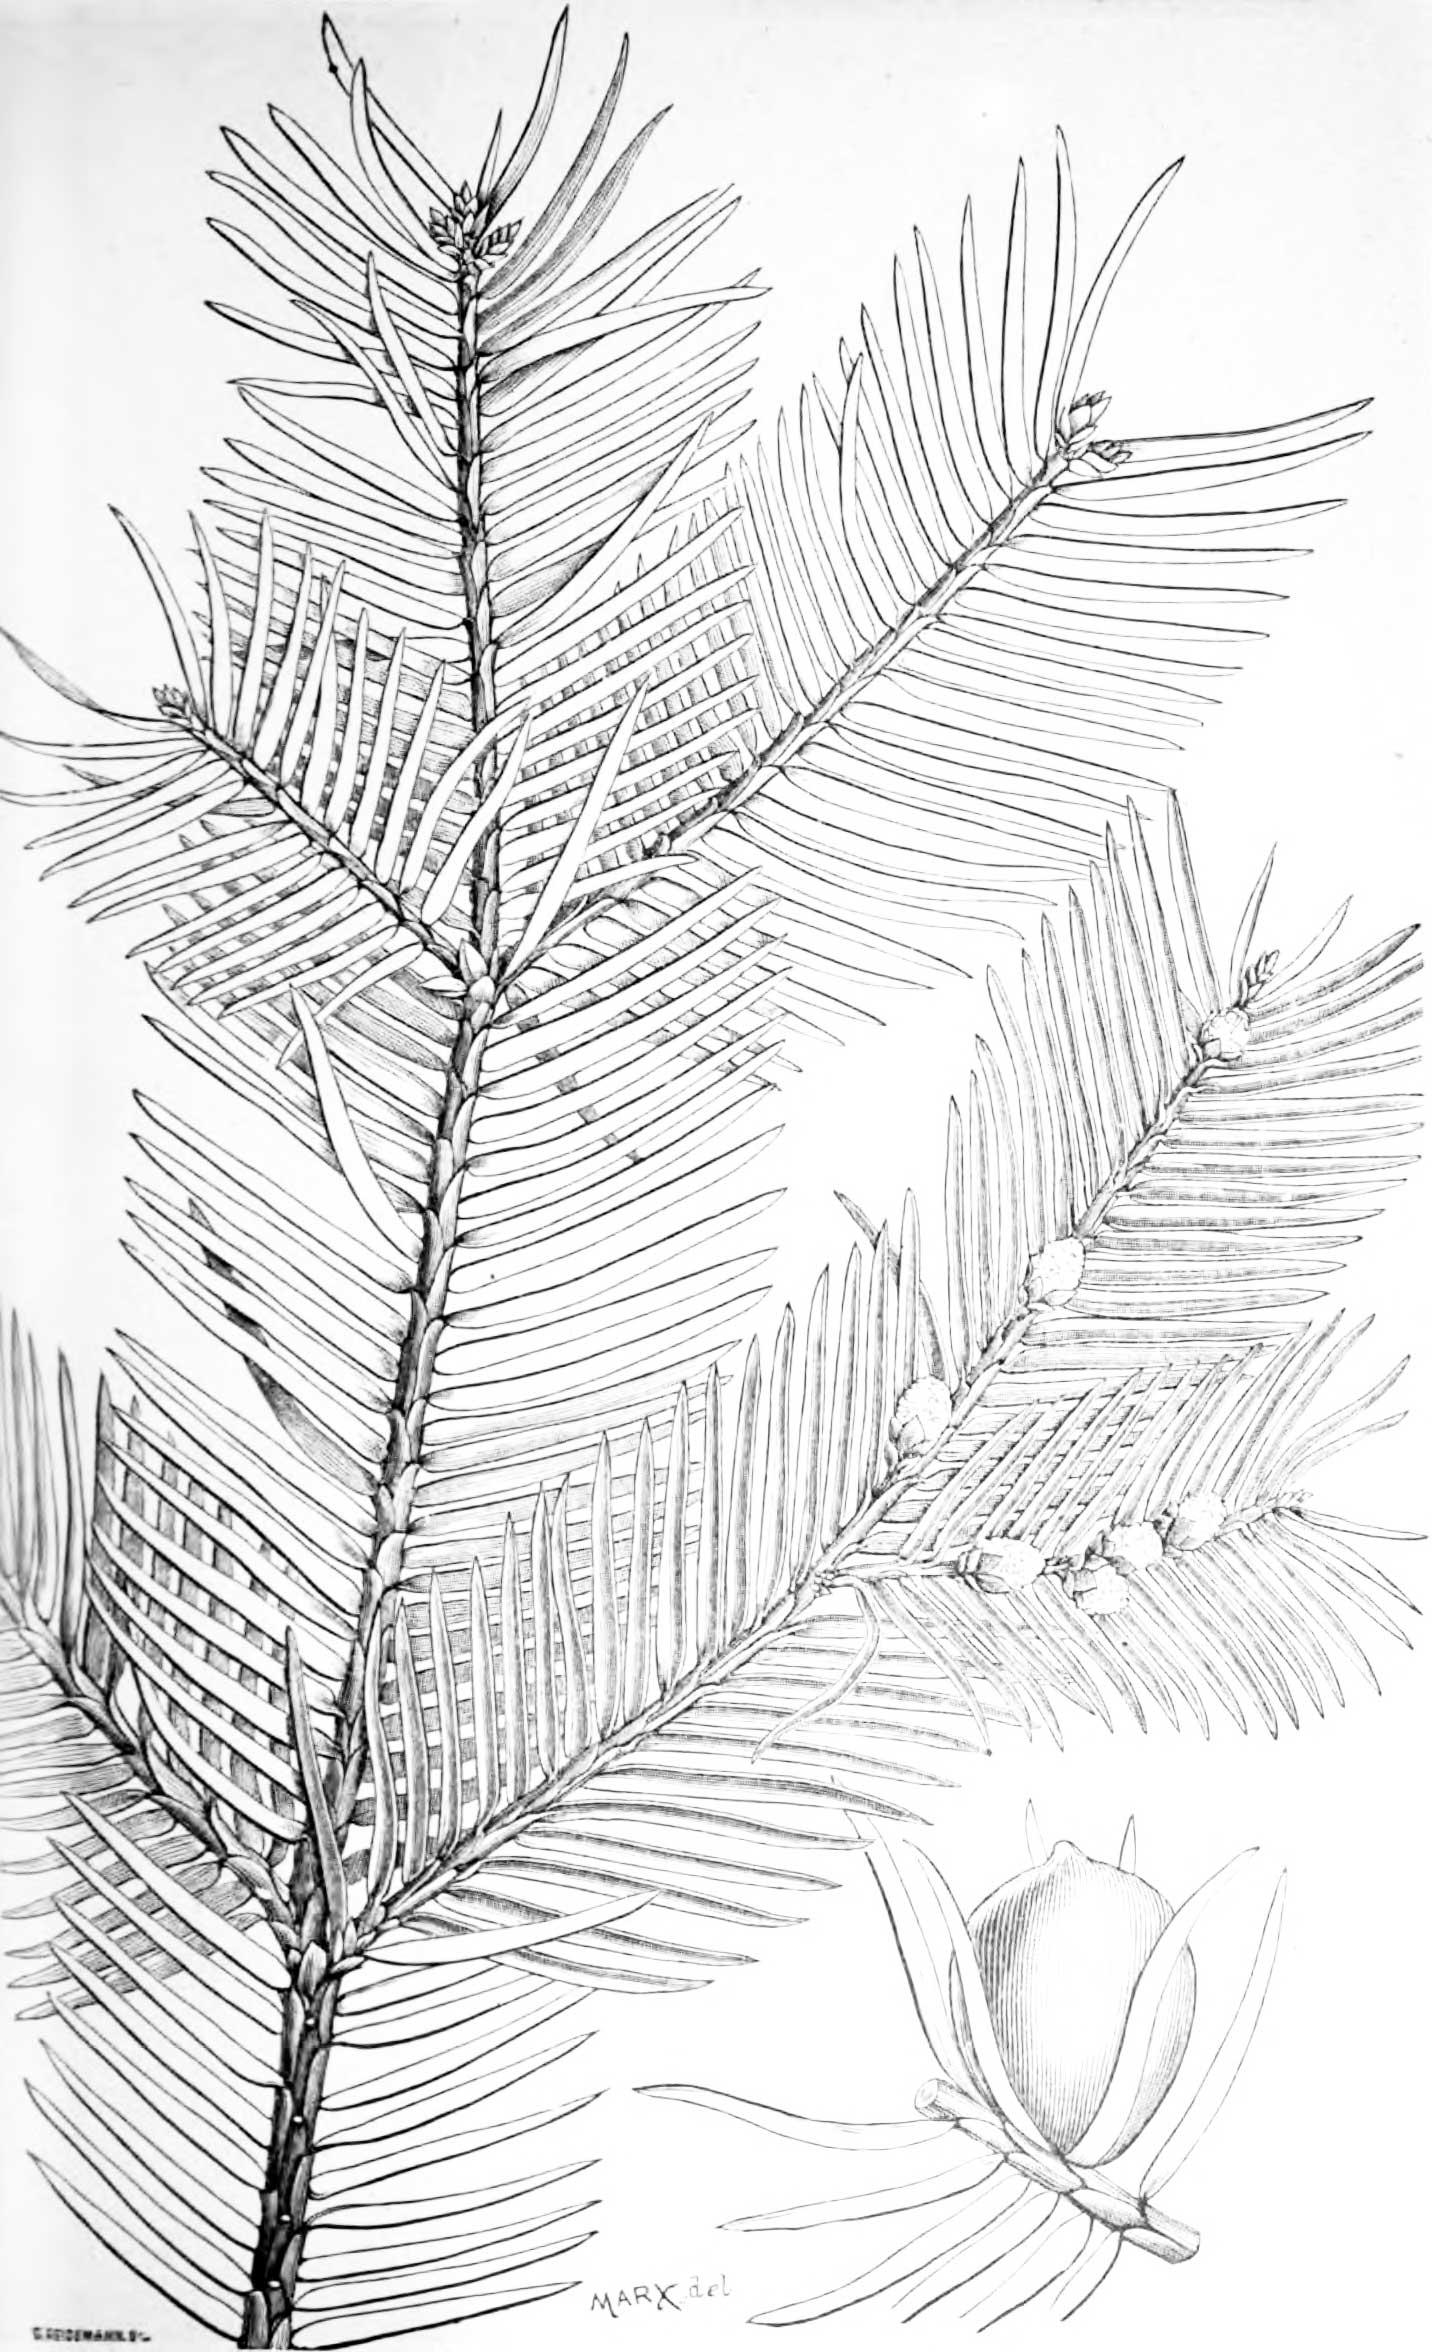 1884 drawing of Florida Torreya